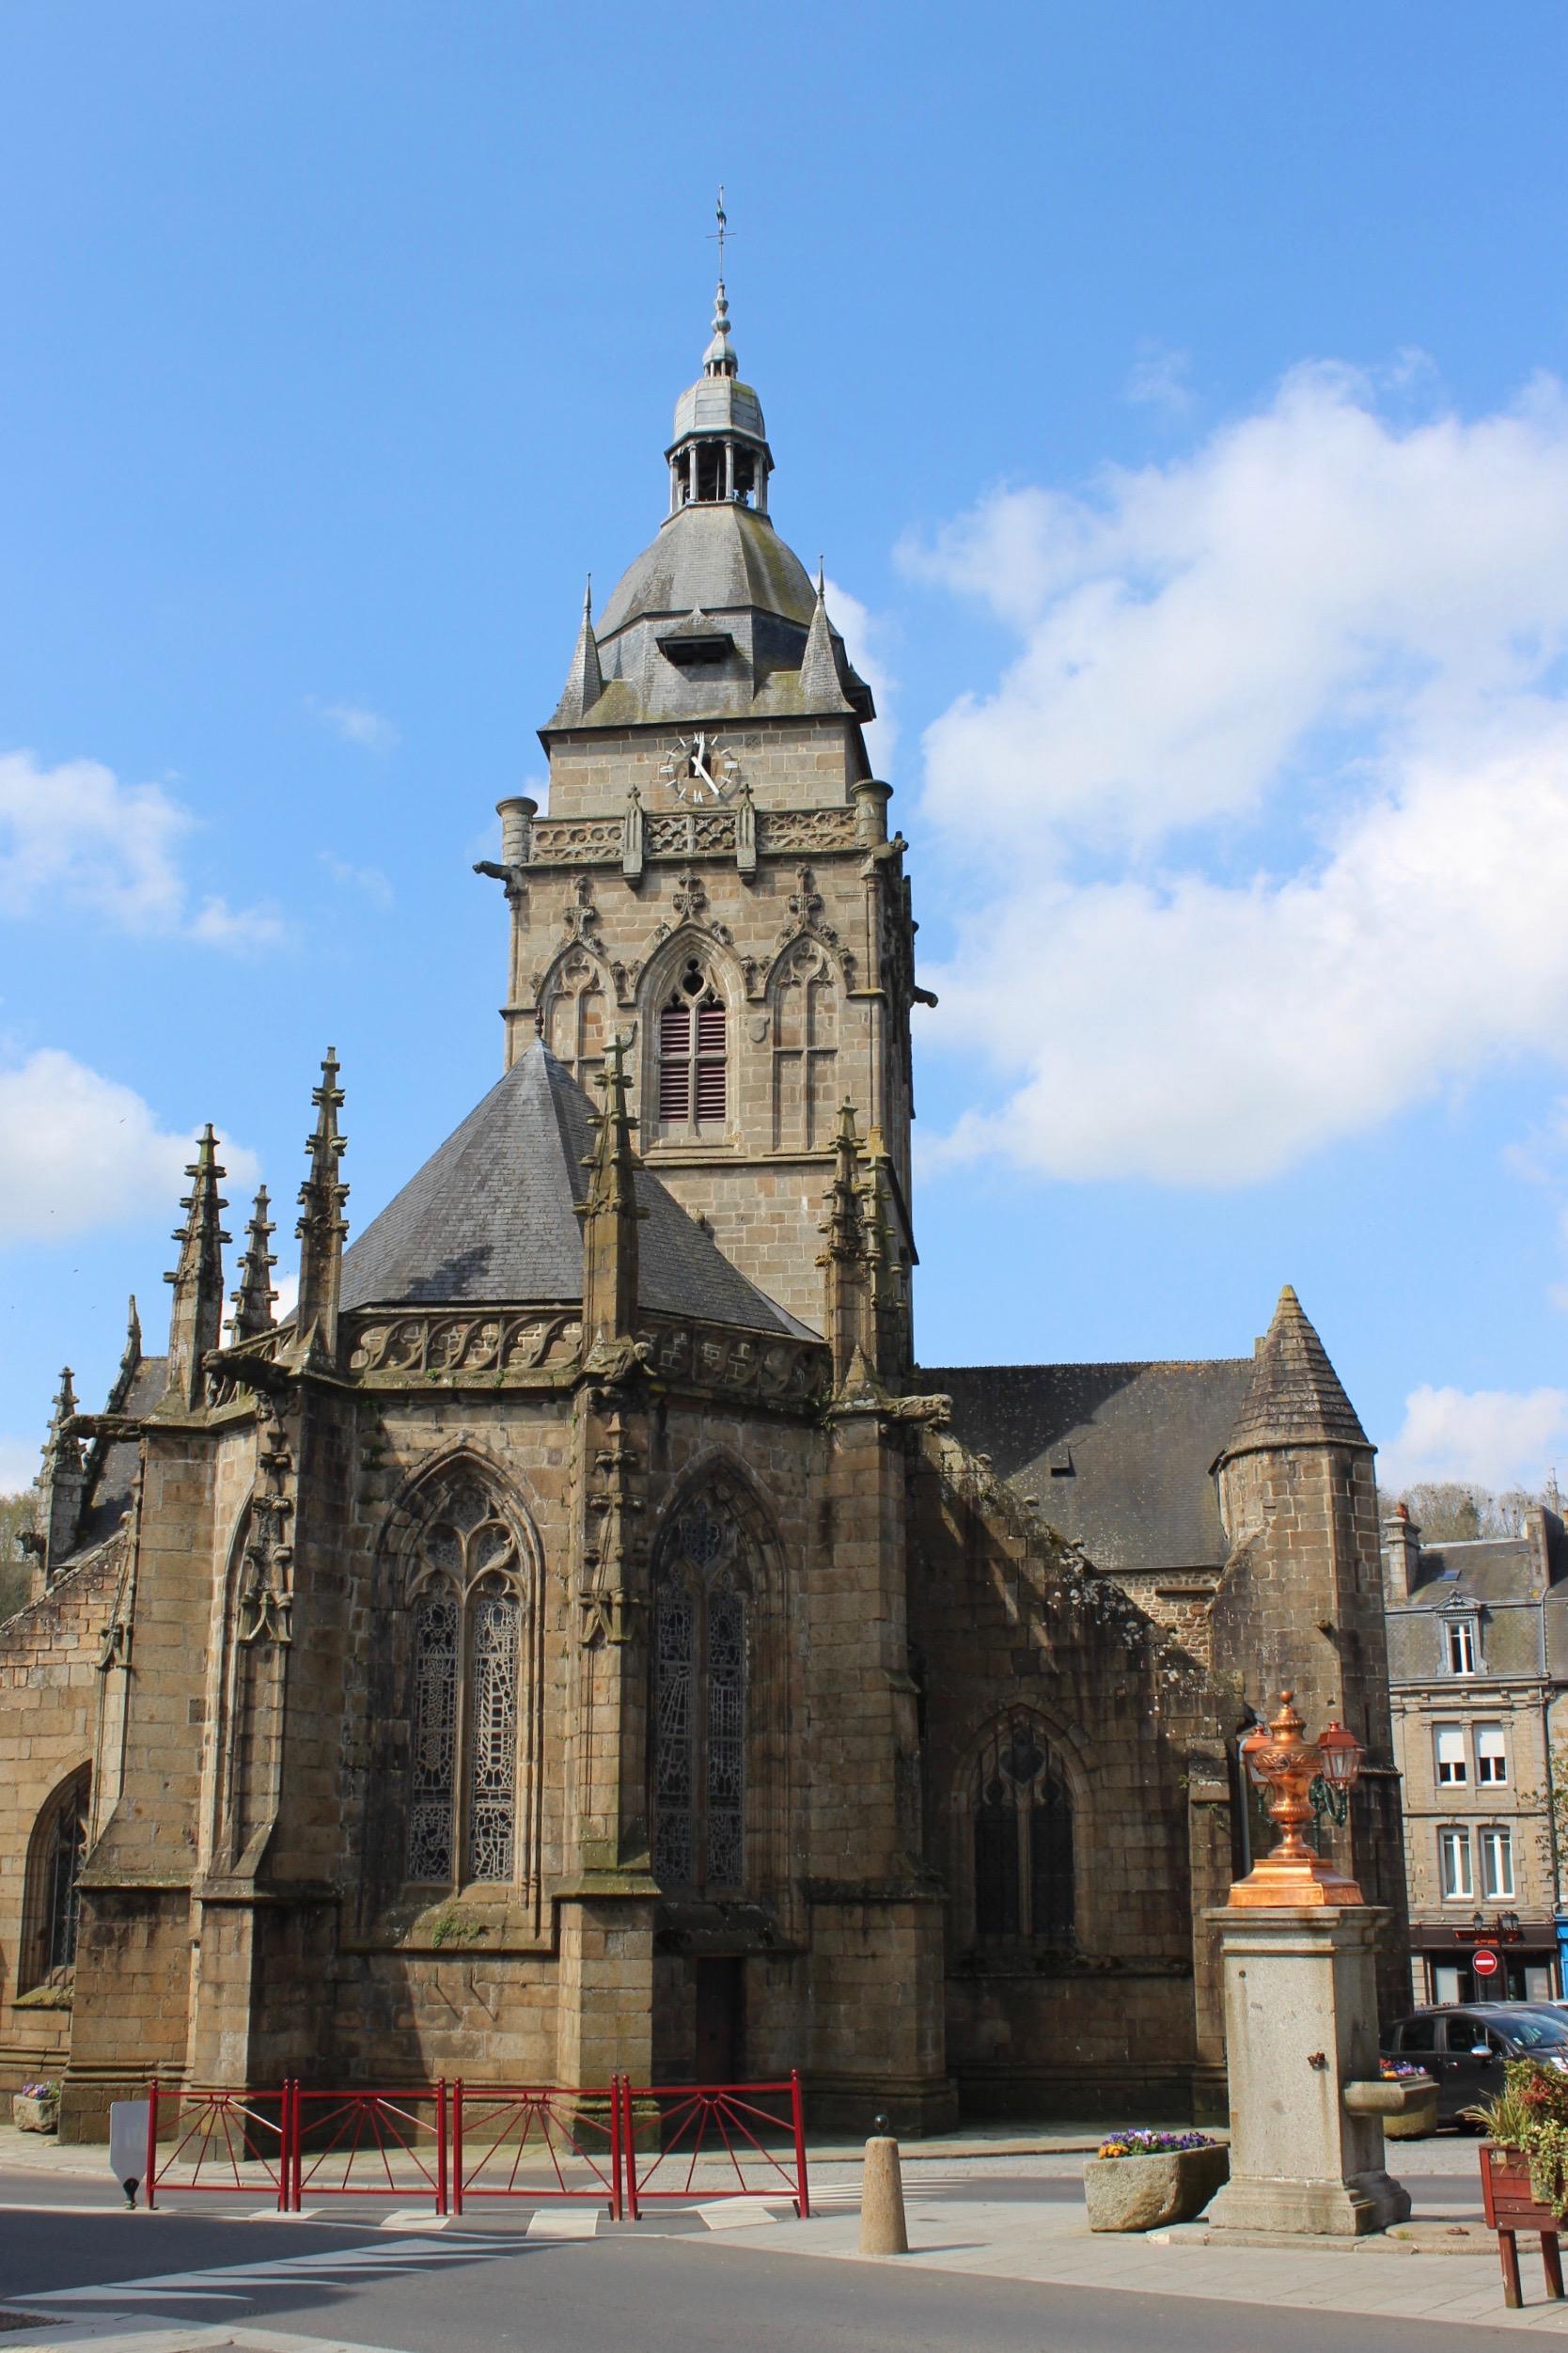 Villedieu church